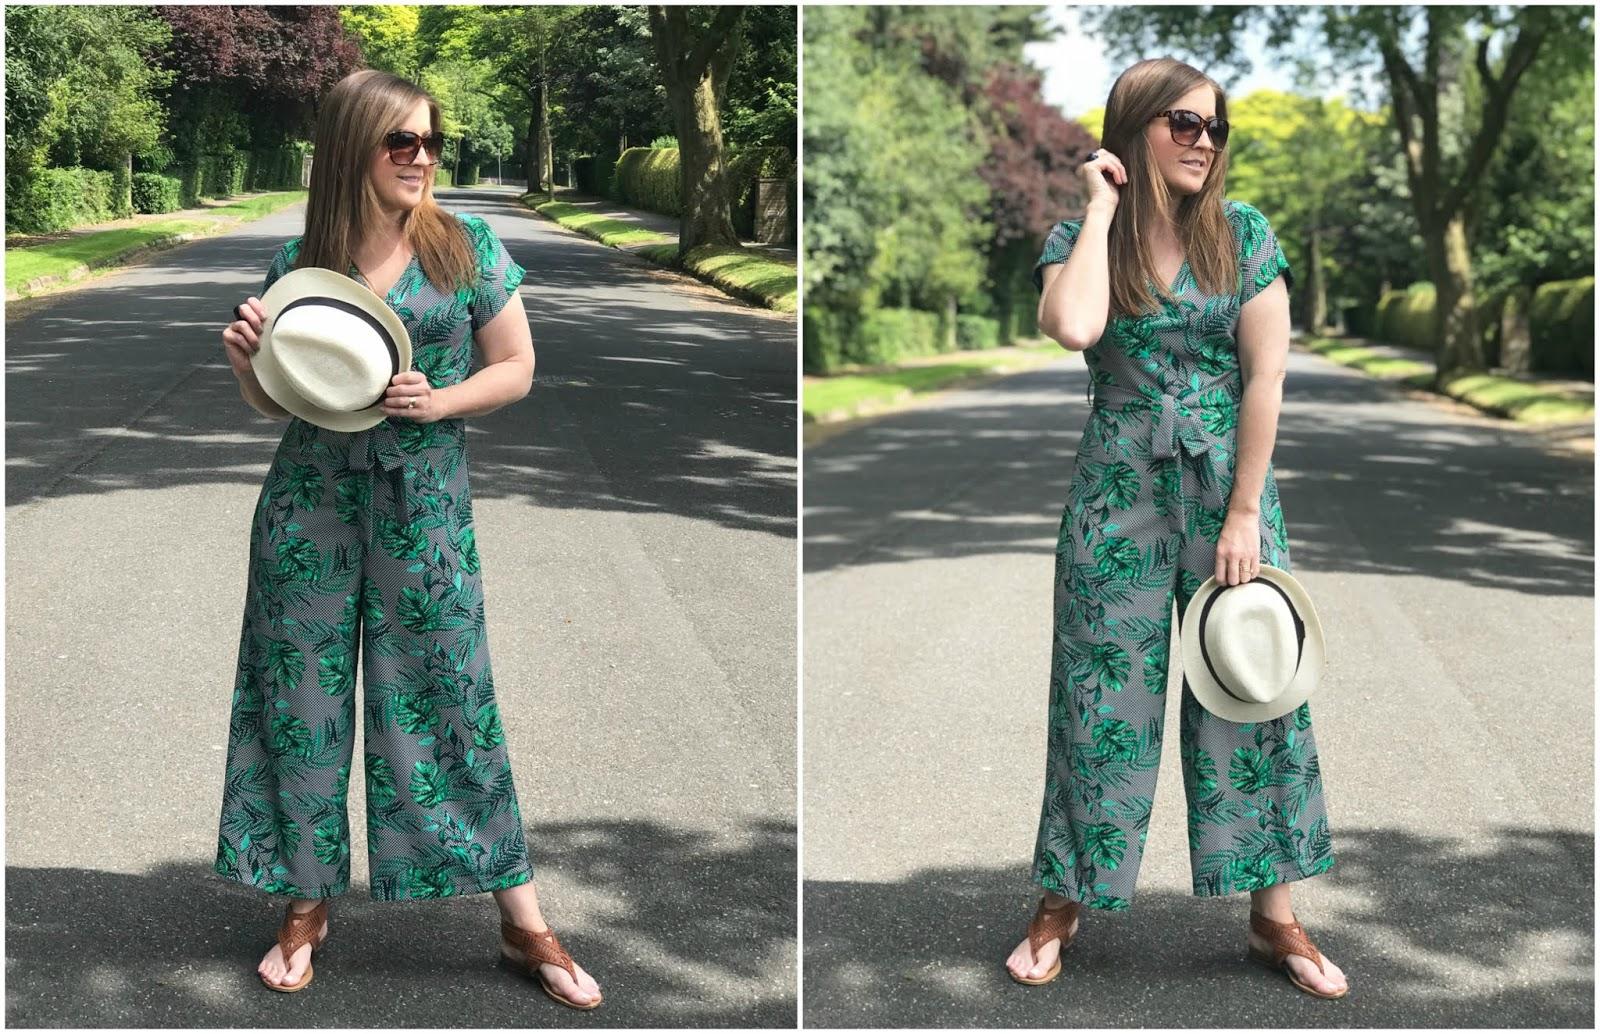 Primark green palm leaf jumpsuit \ tie belt \ three quarter length \ brown sandals